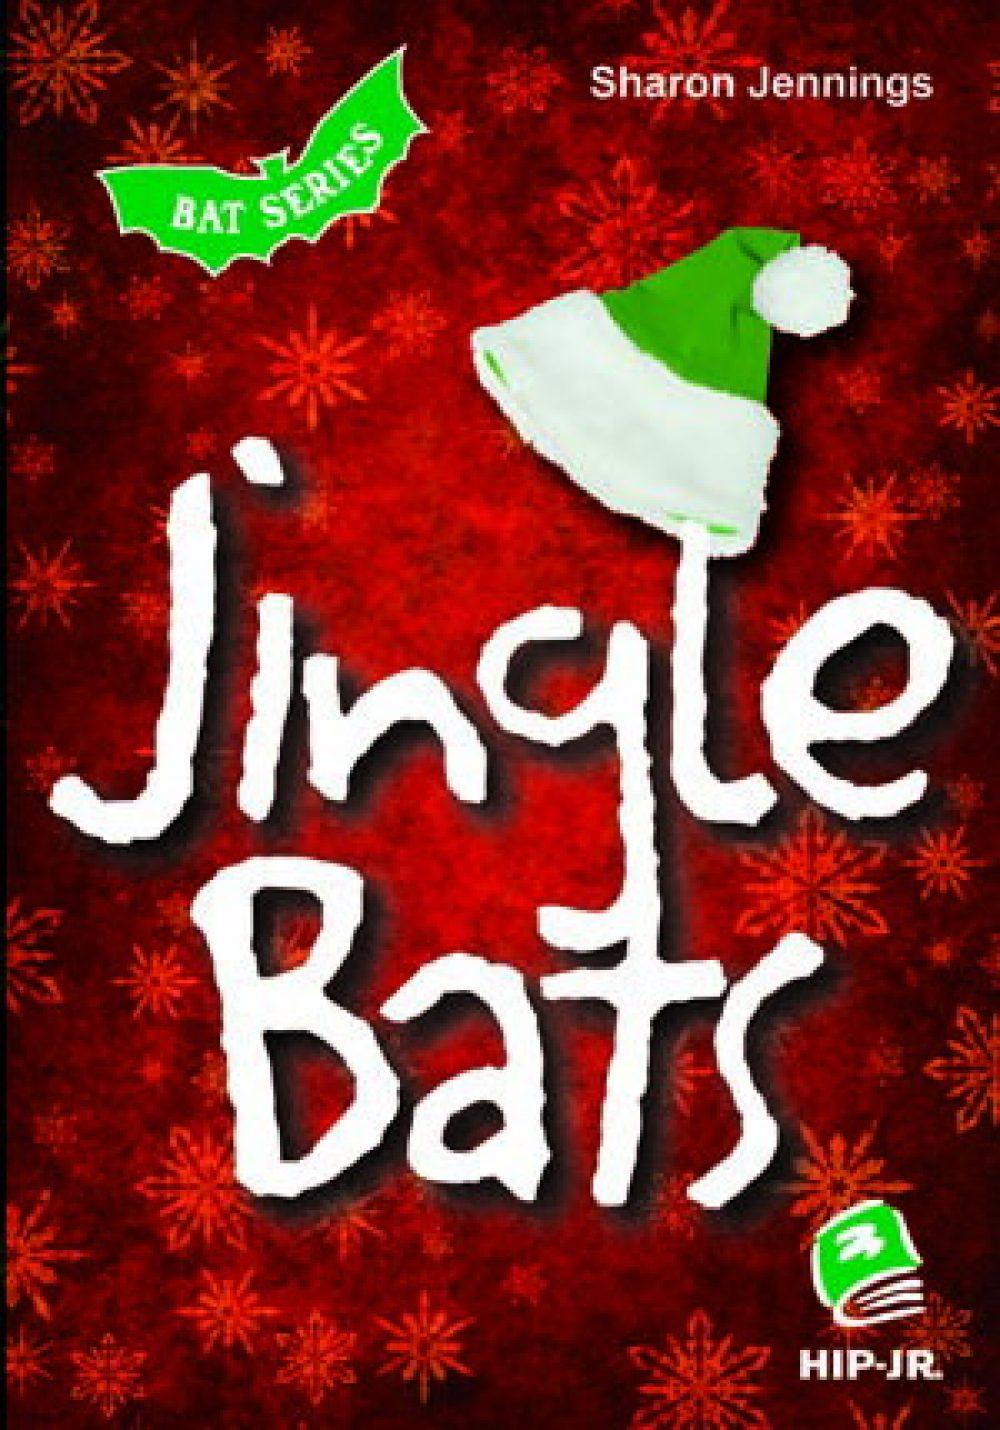 Bats 3: Jingle Bats